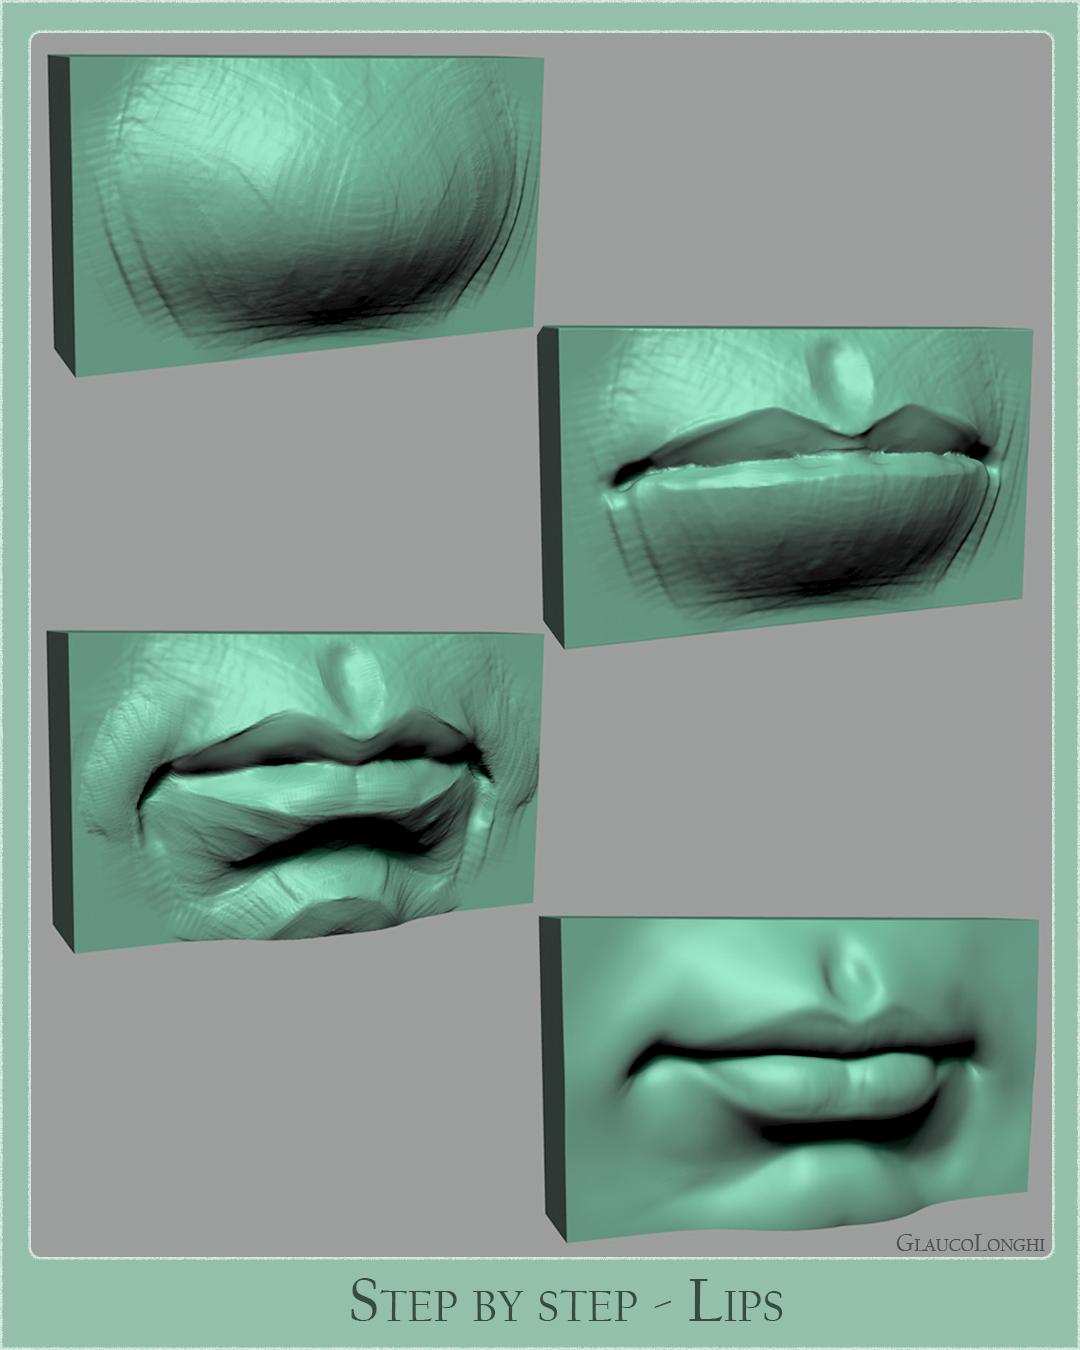 sbs_lips_006.jpg